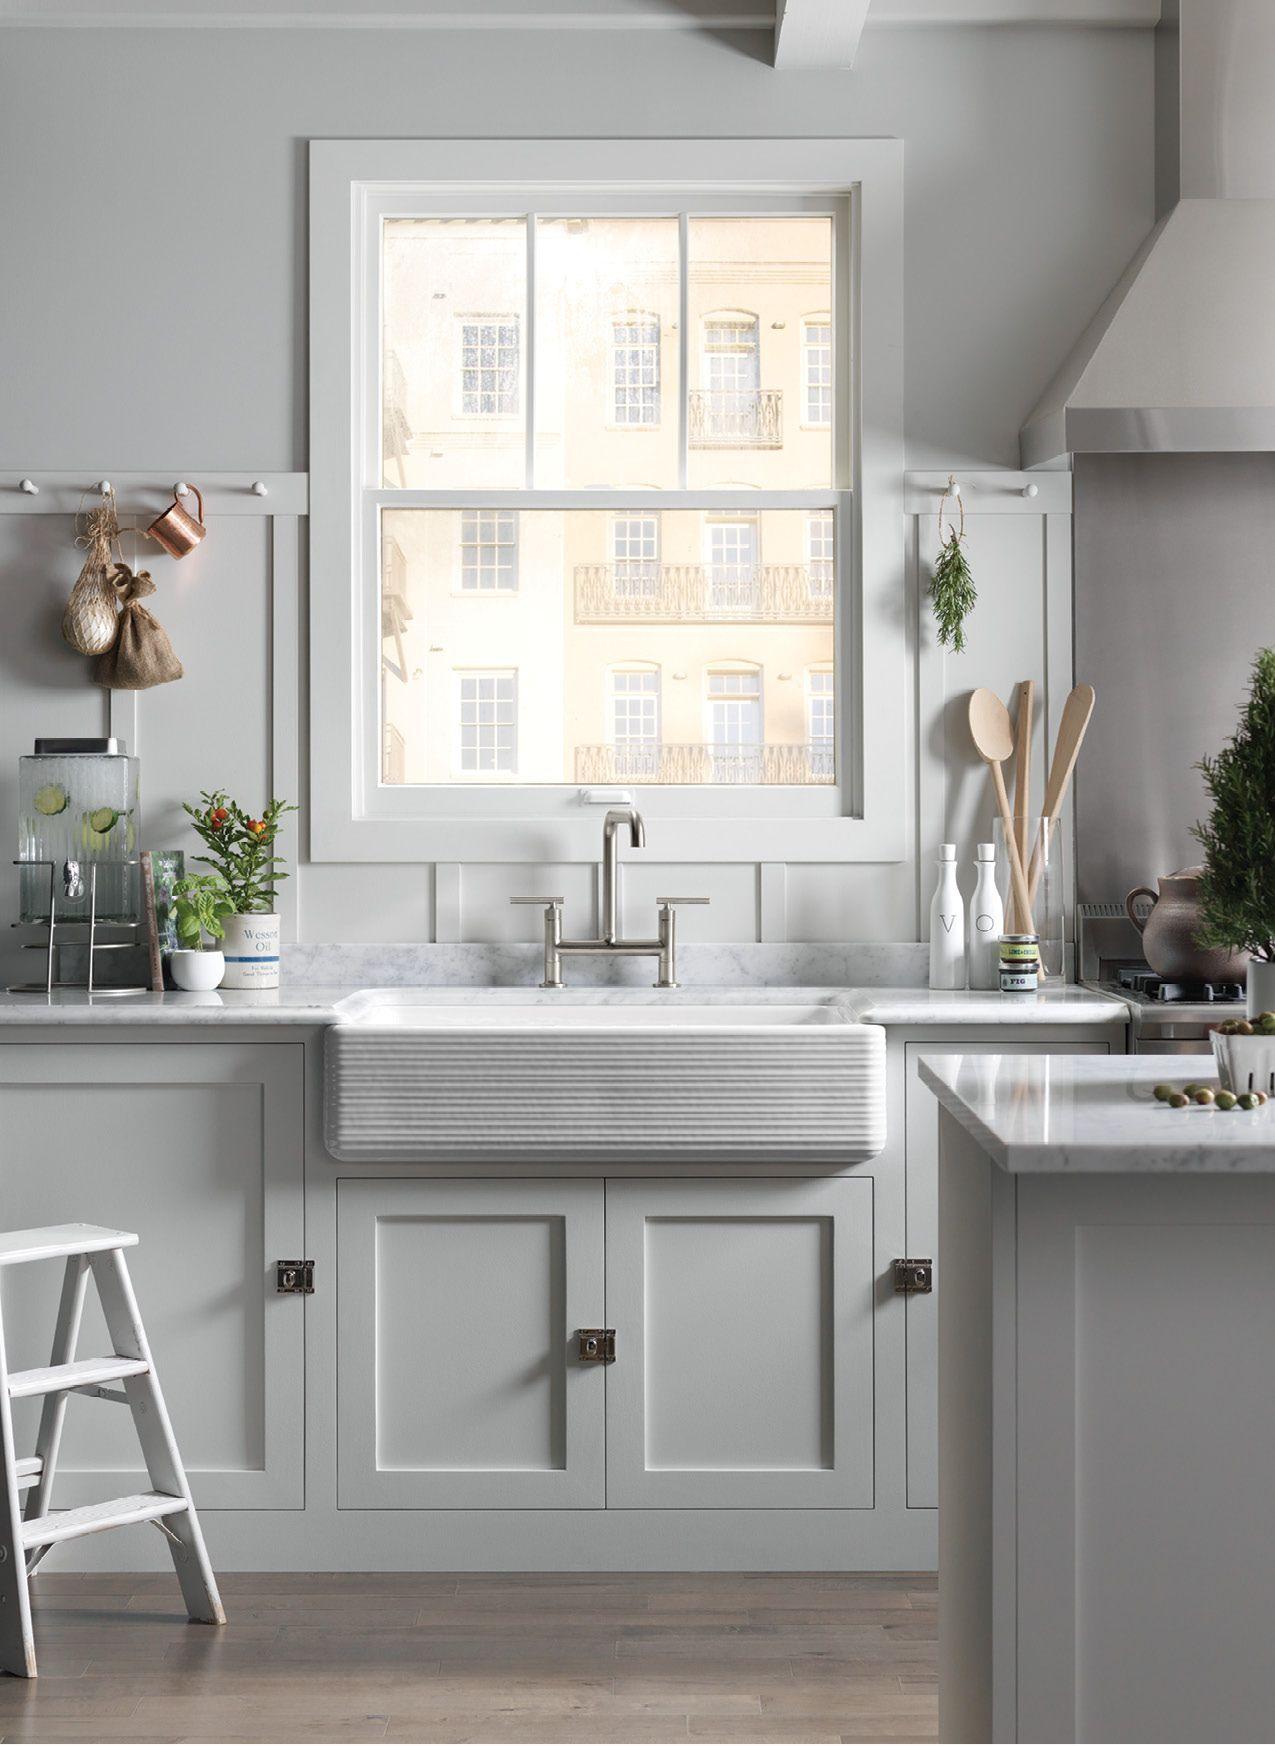 White On White Kitchen Kitchen remodel small, Kitchen